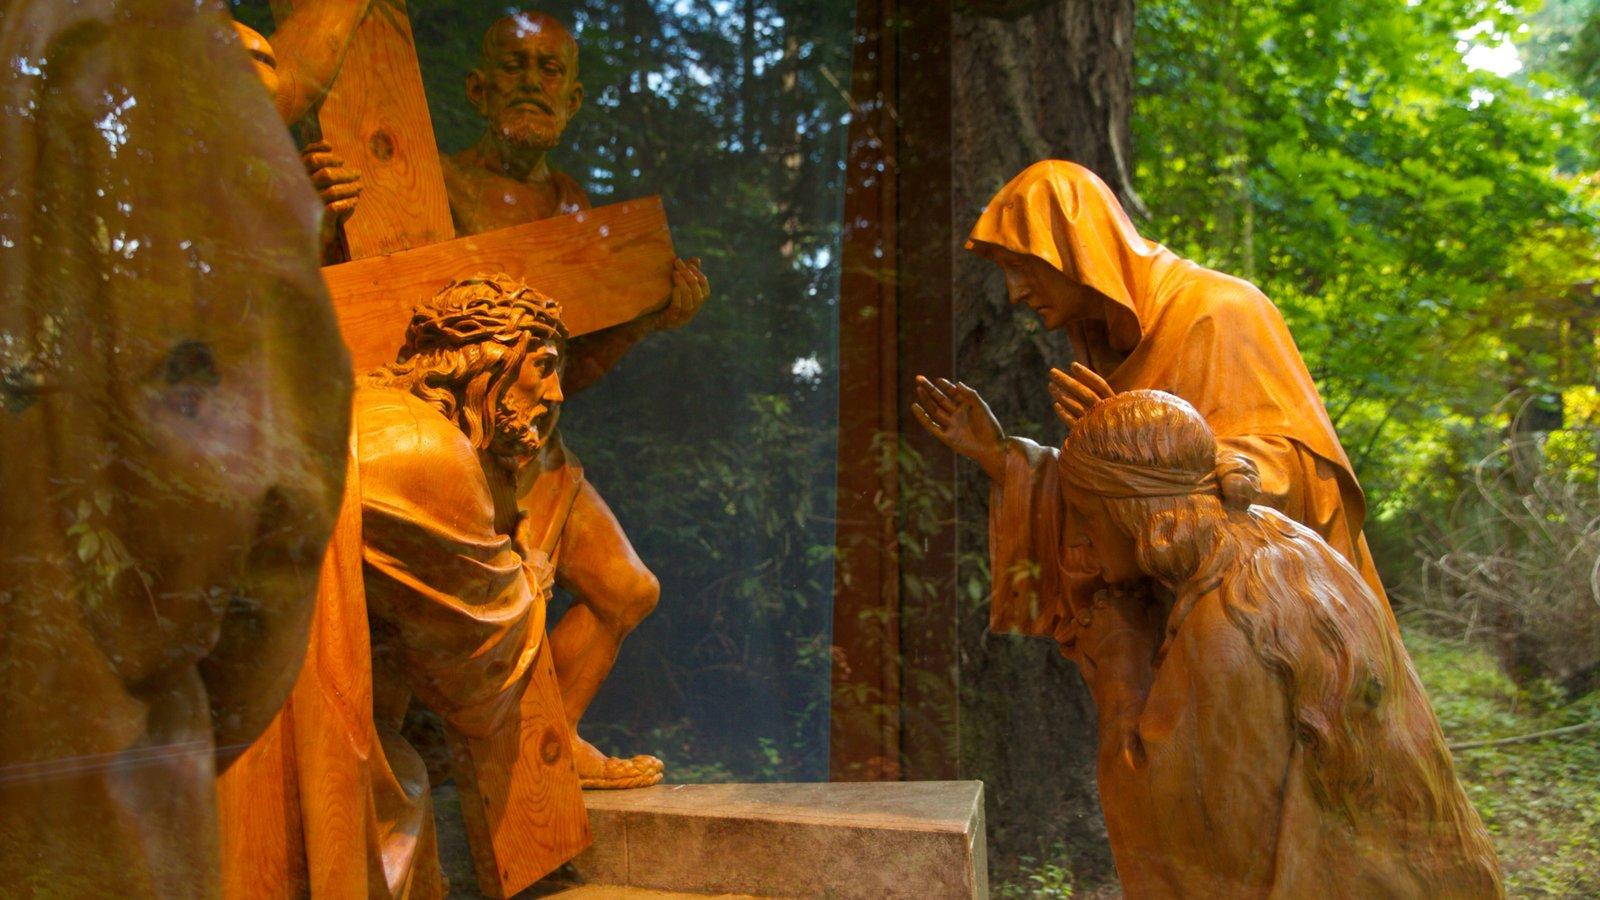 Grotto ofreciendo un parque, arte al aire libre y una estatua o escultura